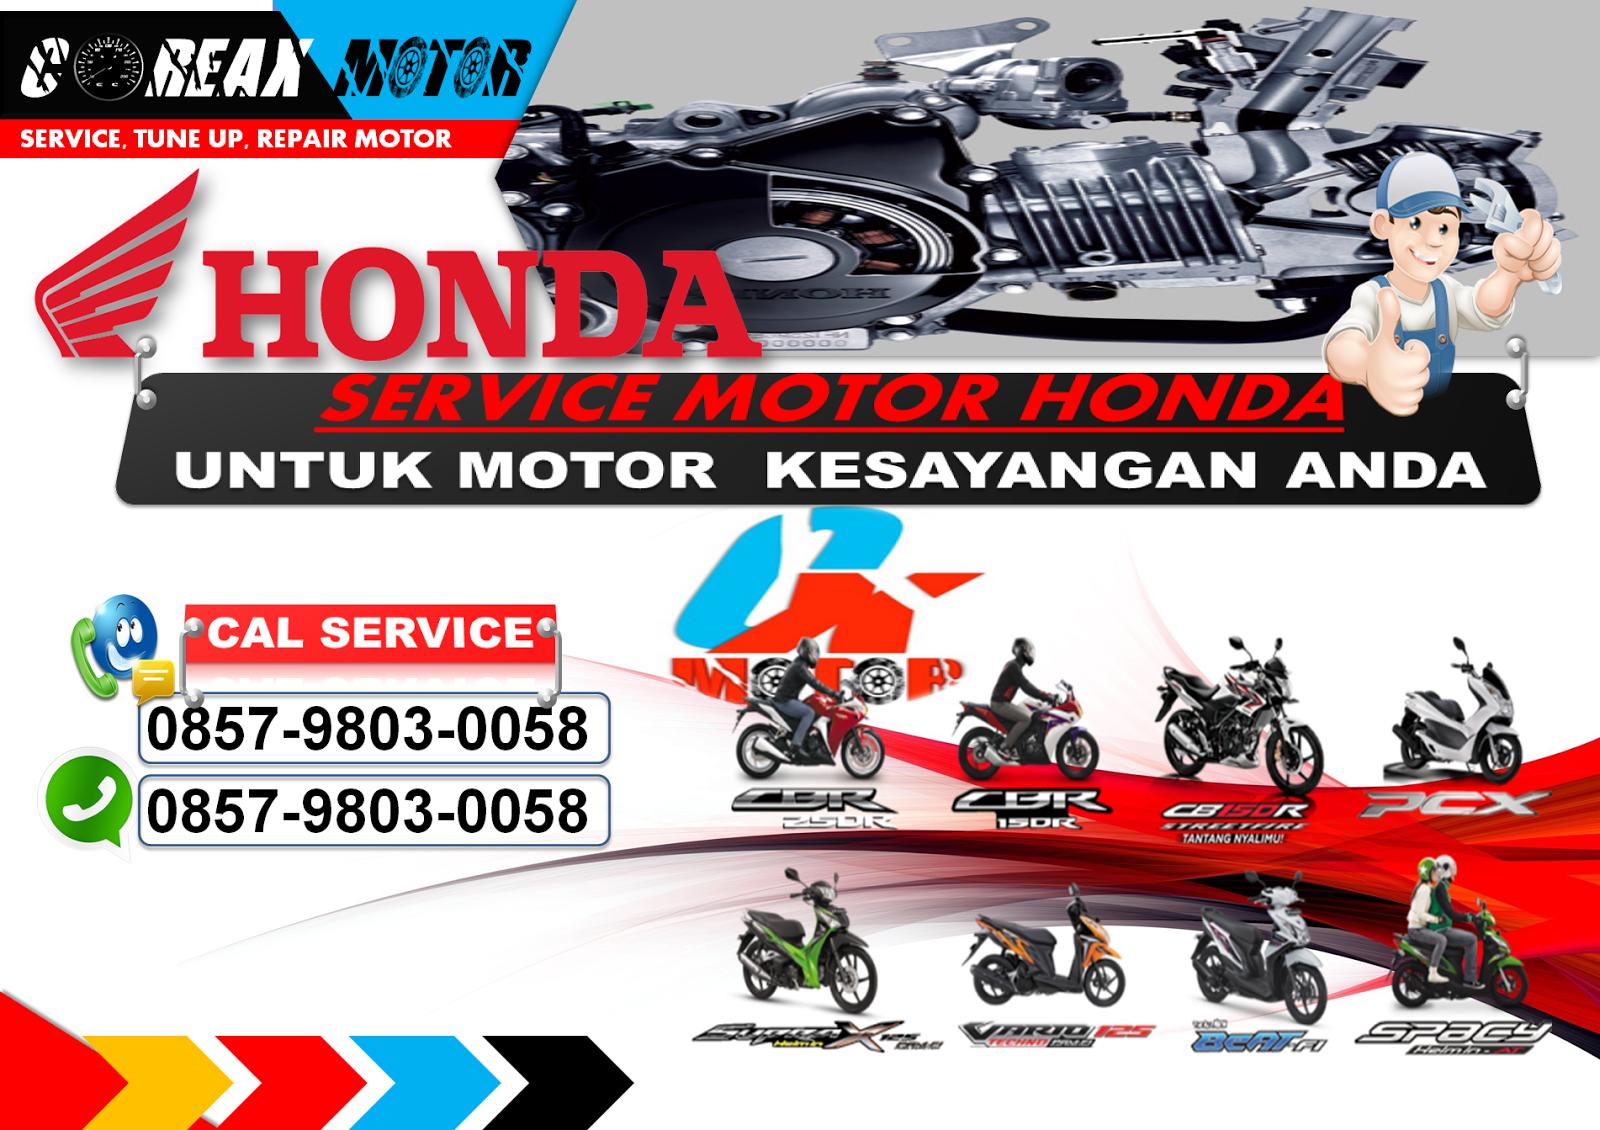 Jasa Service Panggilan Motor Honda Bandung B575id Services Sonic 150r Racing Red Karanganyar Jangan Takut Kini Kami Hadir Di Tempat Anda Untuk Melayani Servis Yang Bisa Rumah Atau Dan